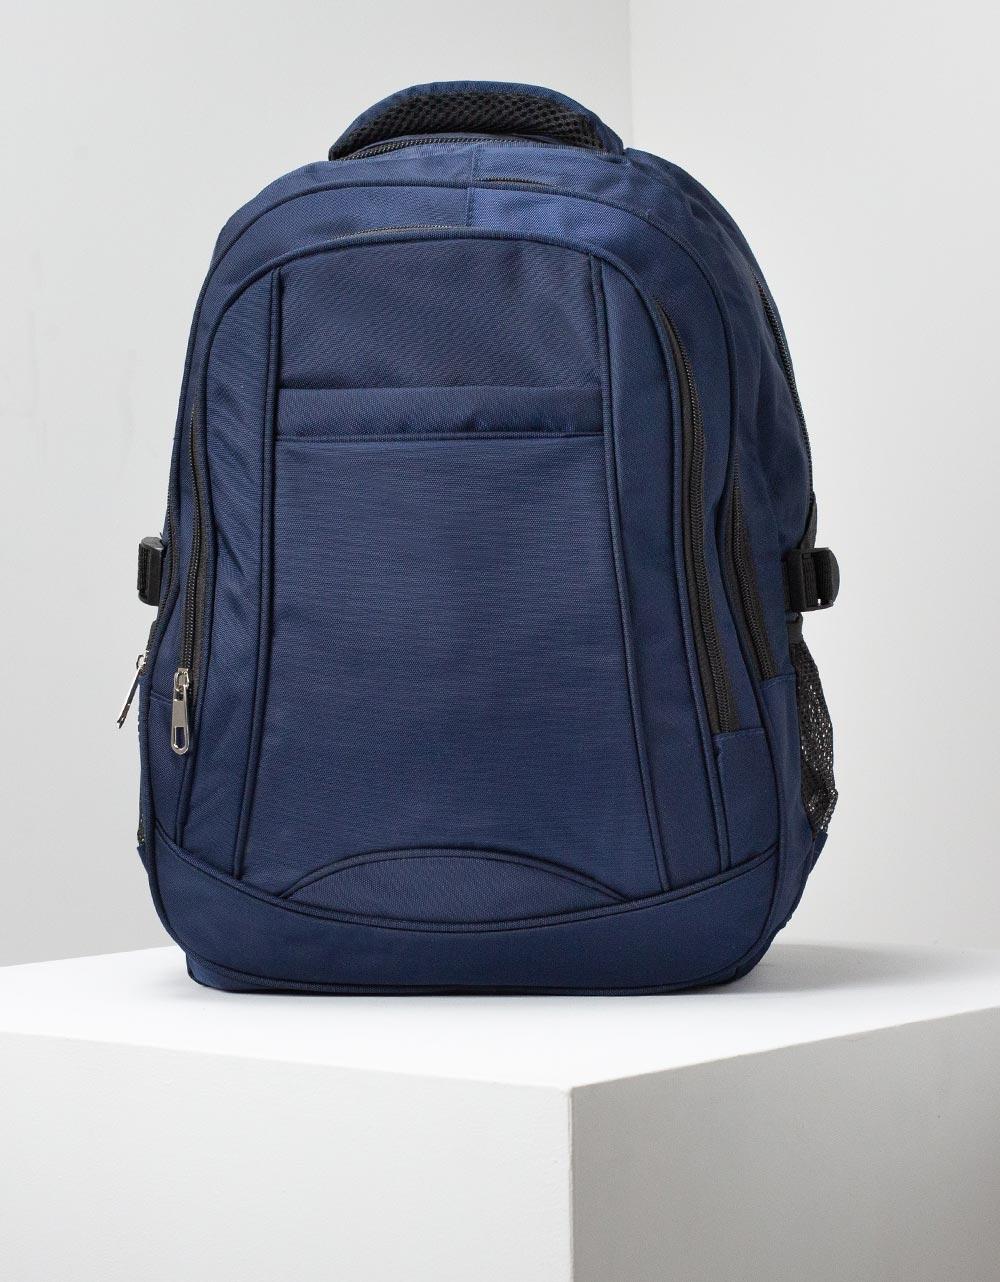 Εικόνα από Ανδρικά σακίδια πλάτης με ραφές Μπλε